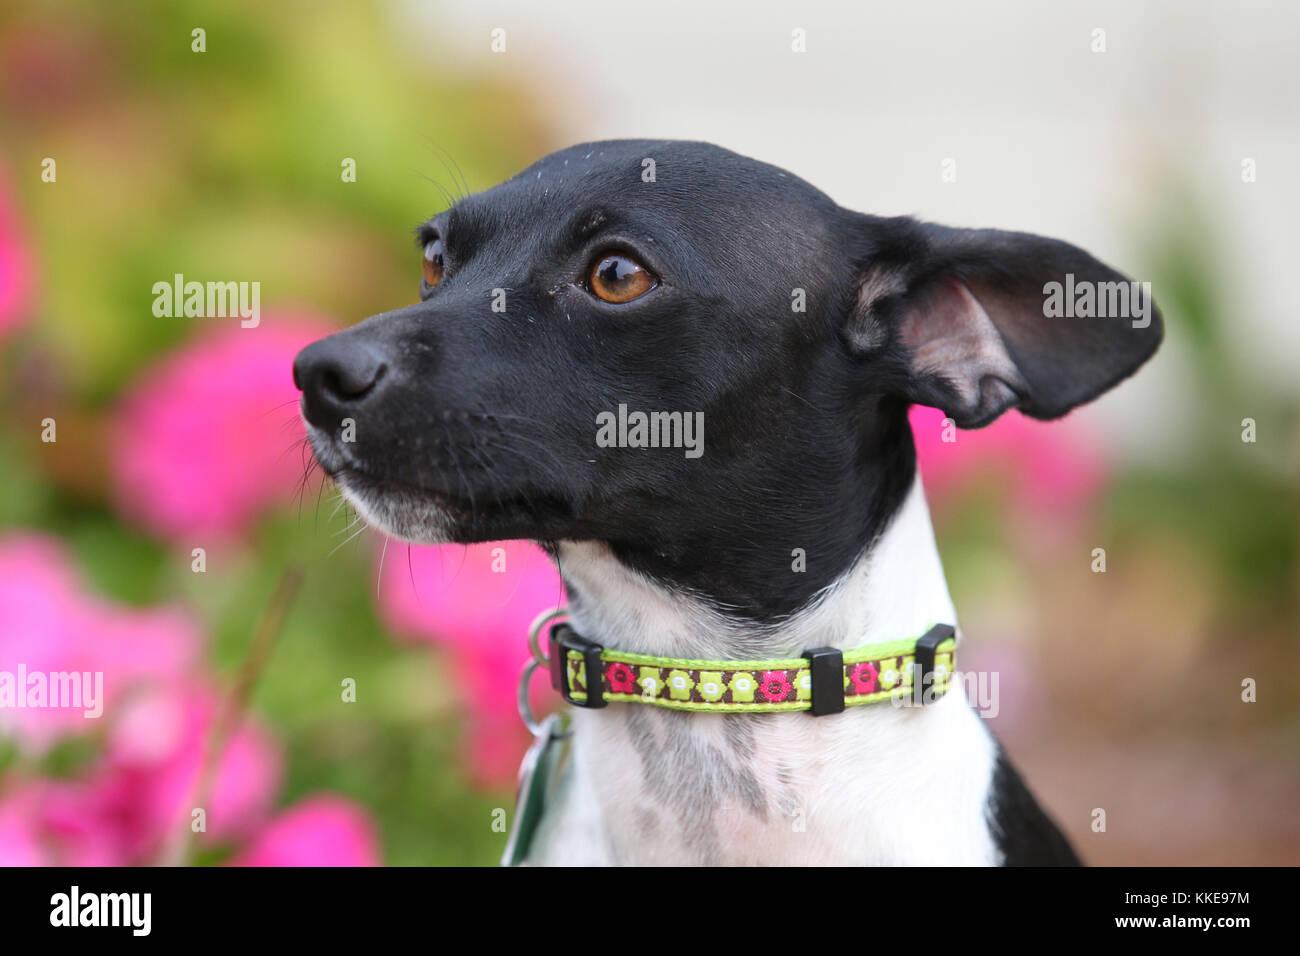 Terrier - Rat Rat Terrier Ratonero Bodeguero Andaluz - Stock Image